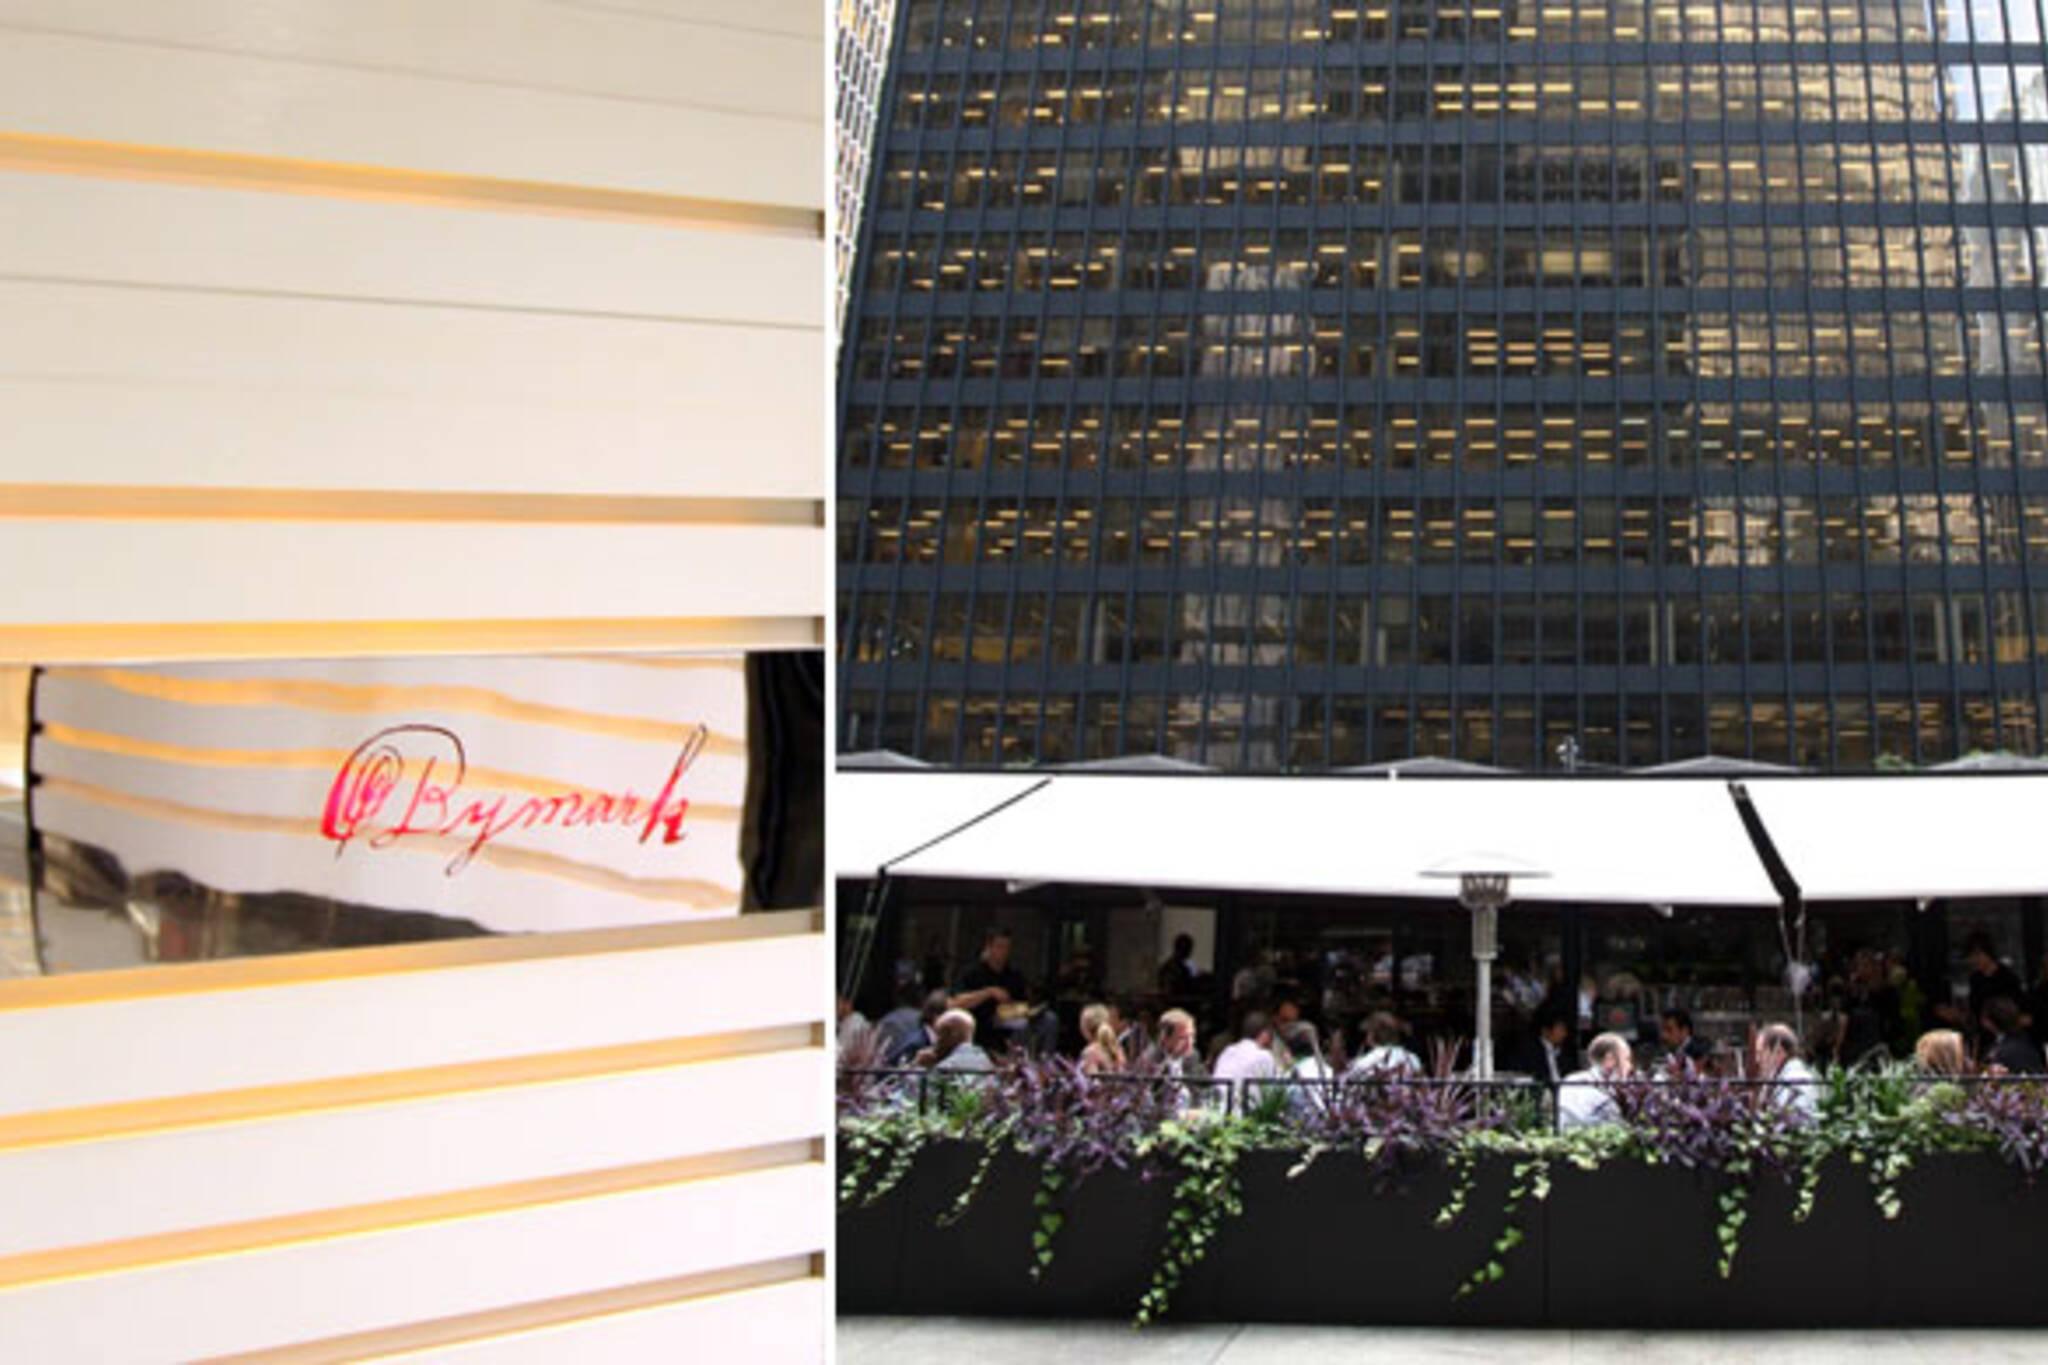 Bymark Restaurant